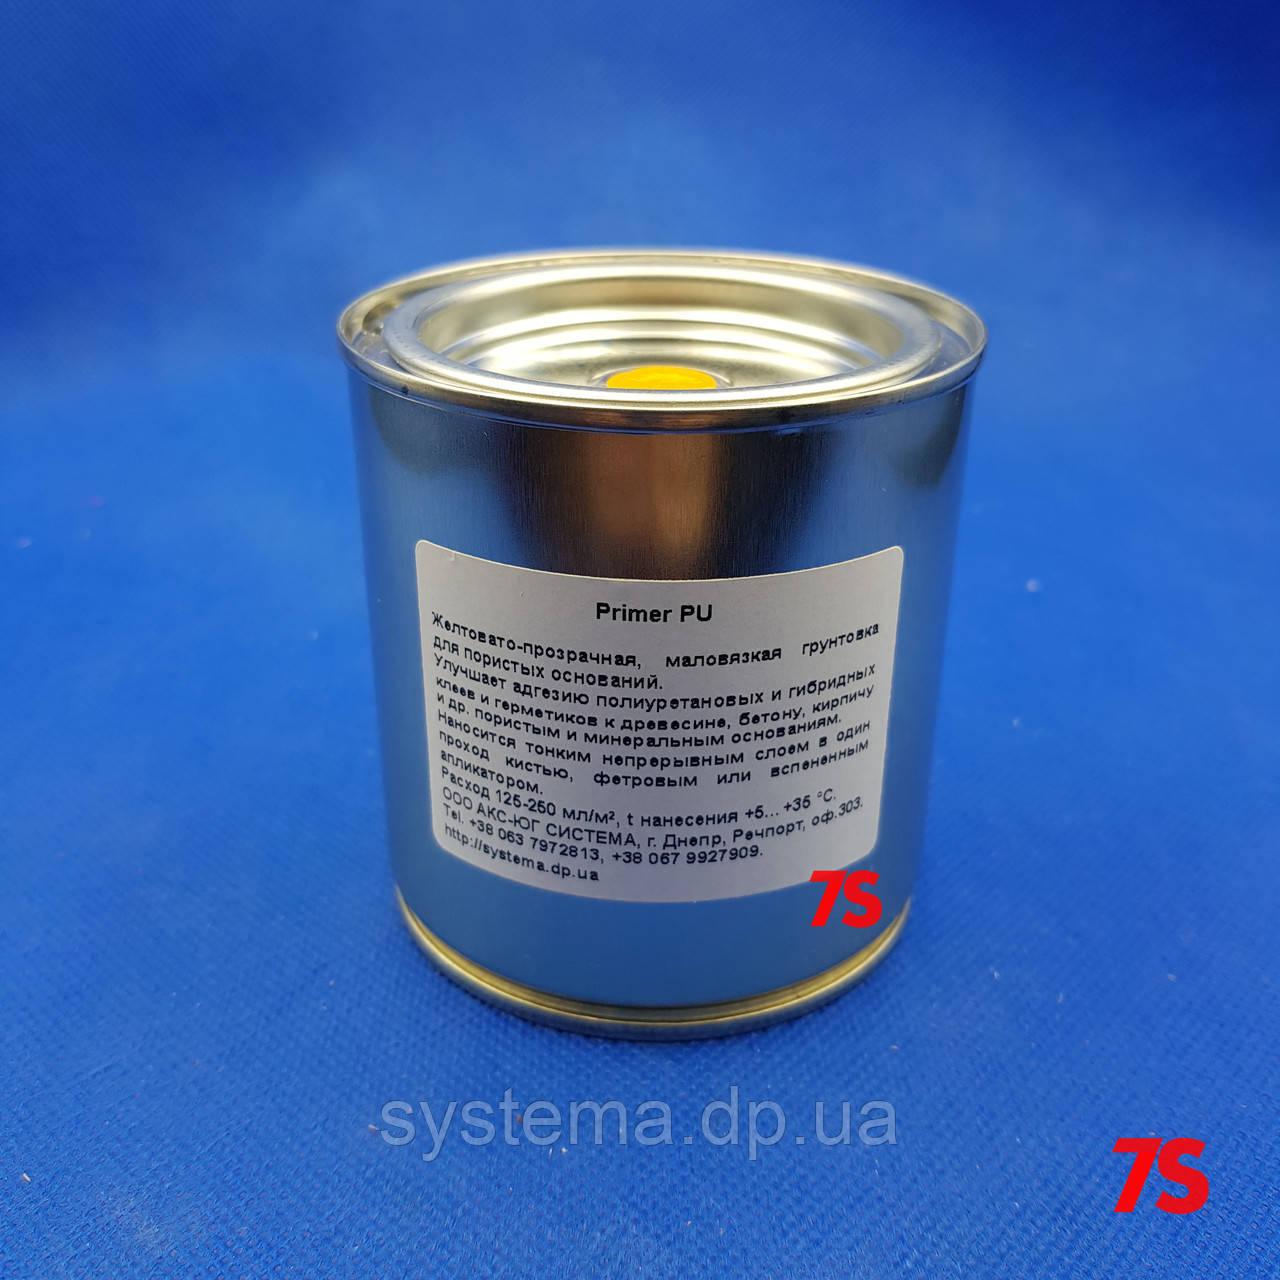 Primer PU - Грунтовка для поліуретанових і гібридних герметиків, 250 мл.